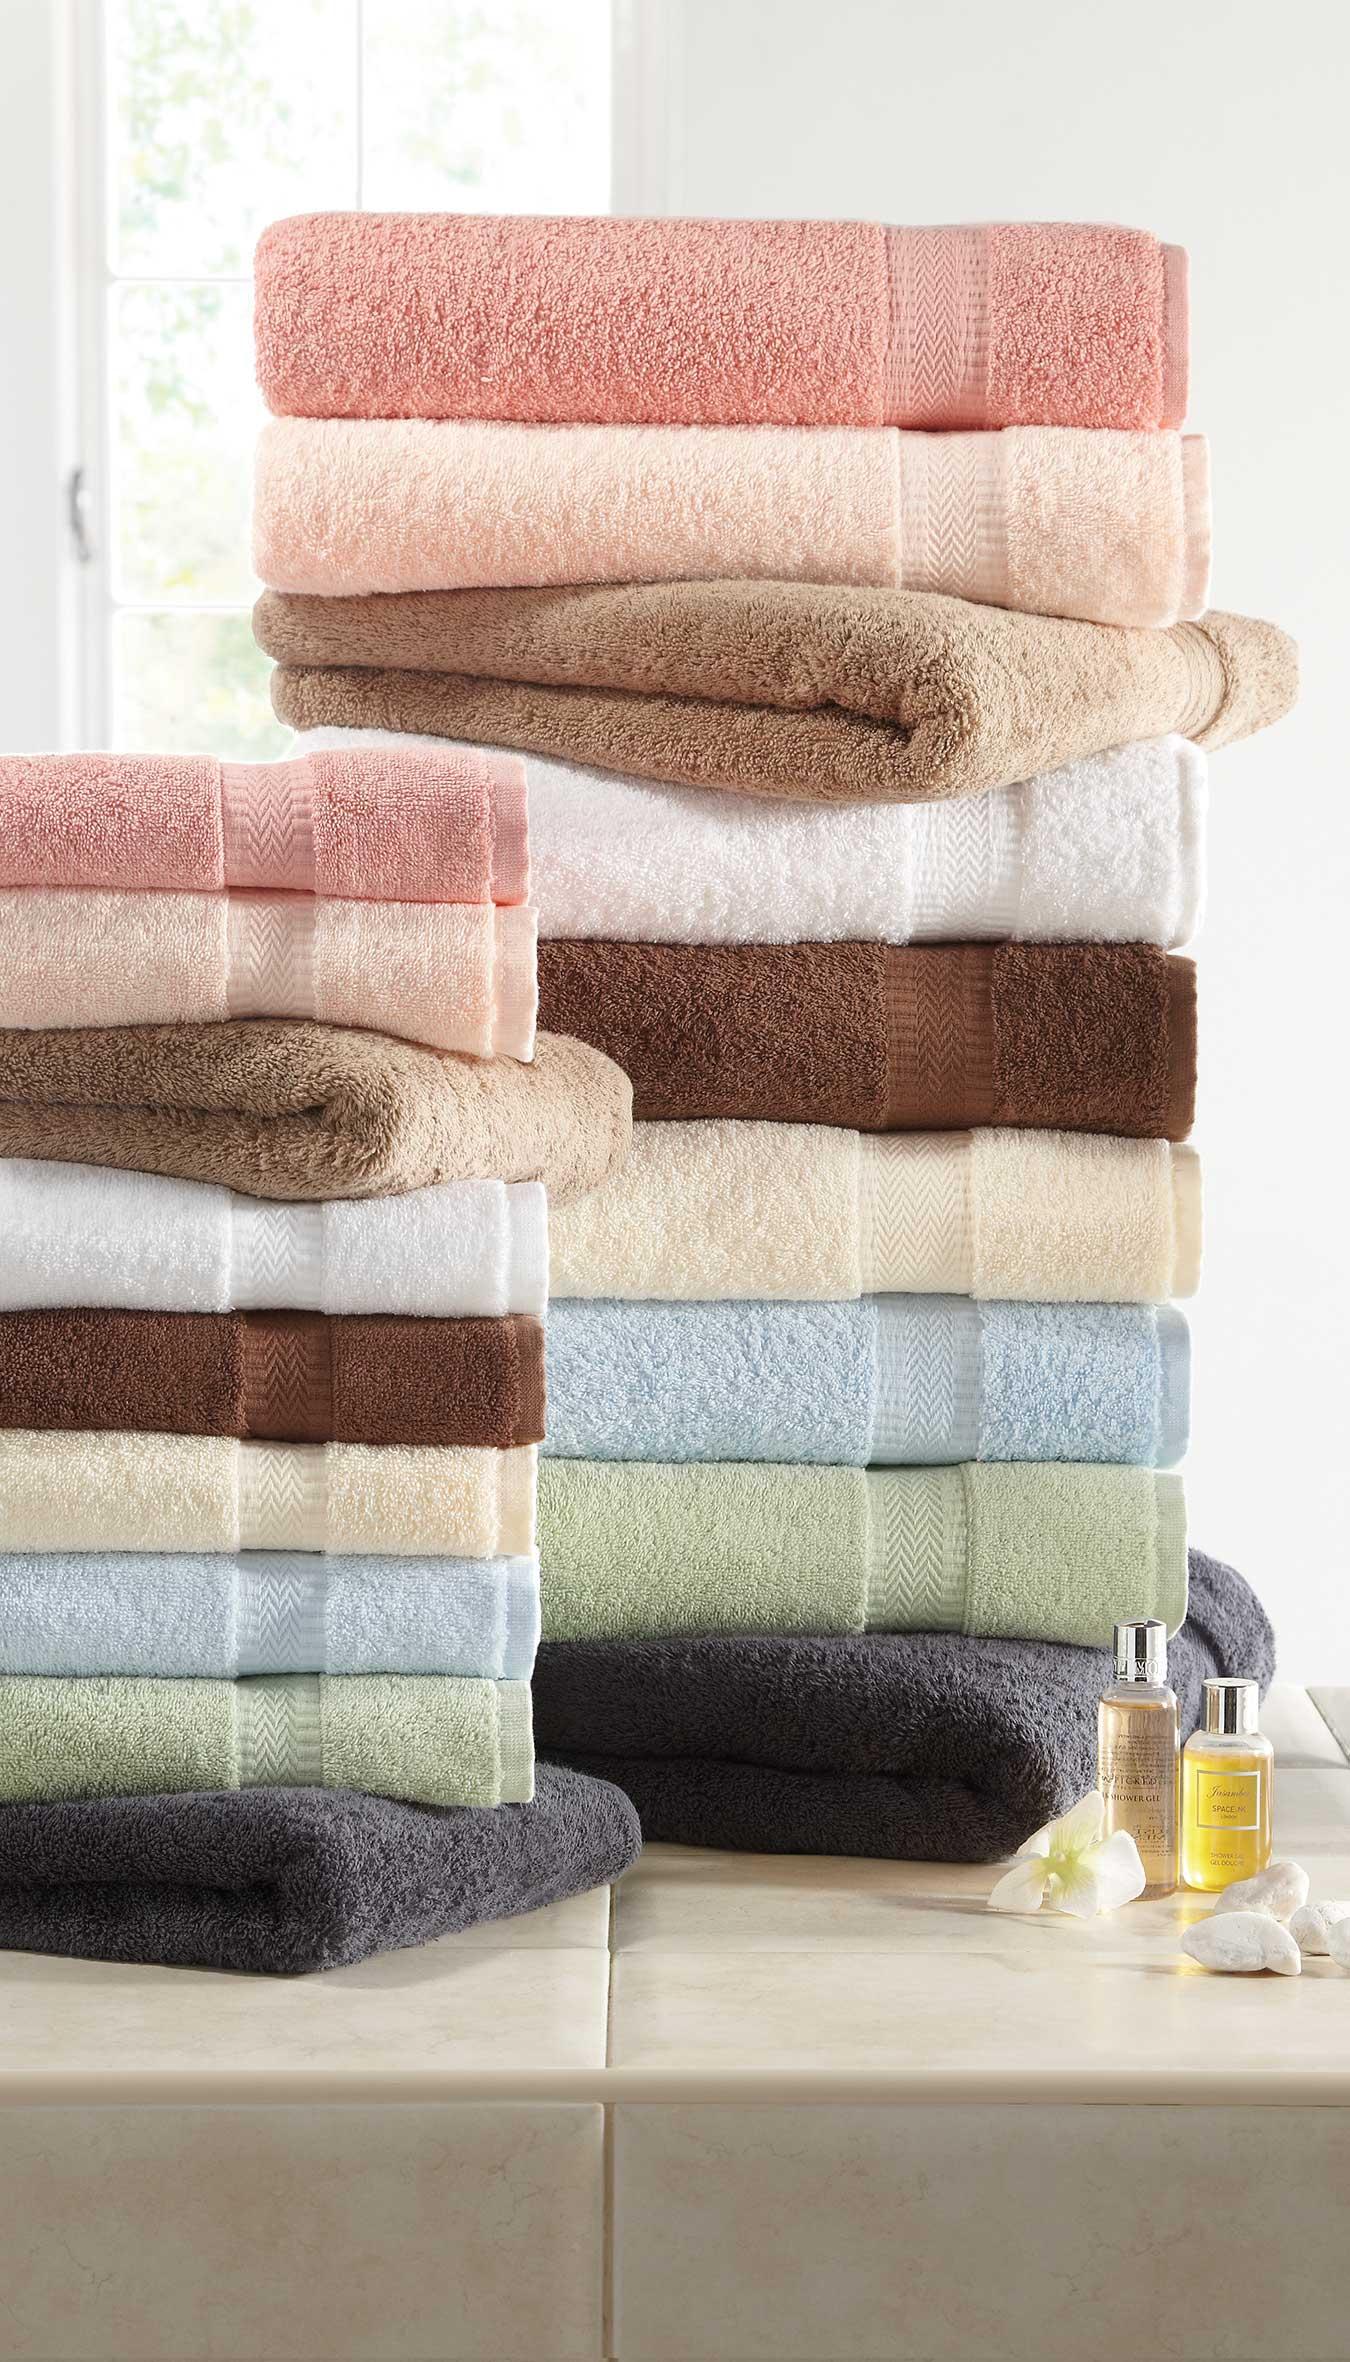 Musbury Hotel Contract Towel 500GSM